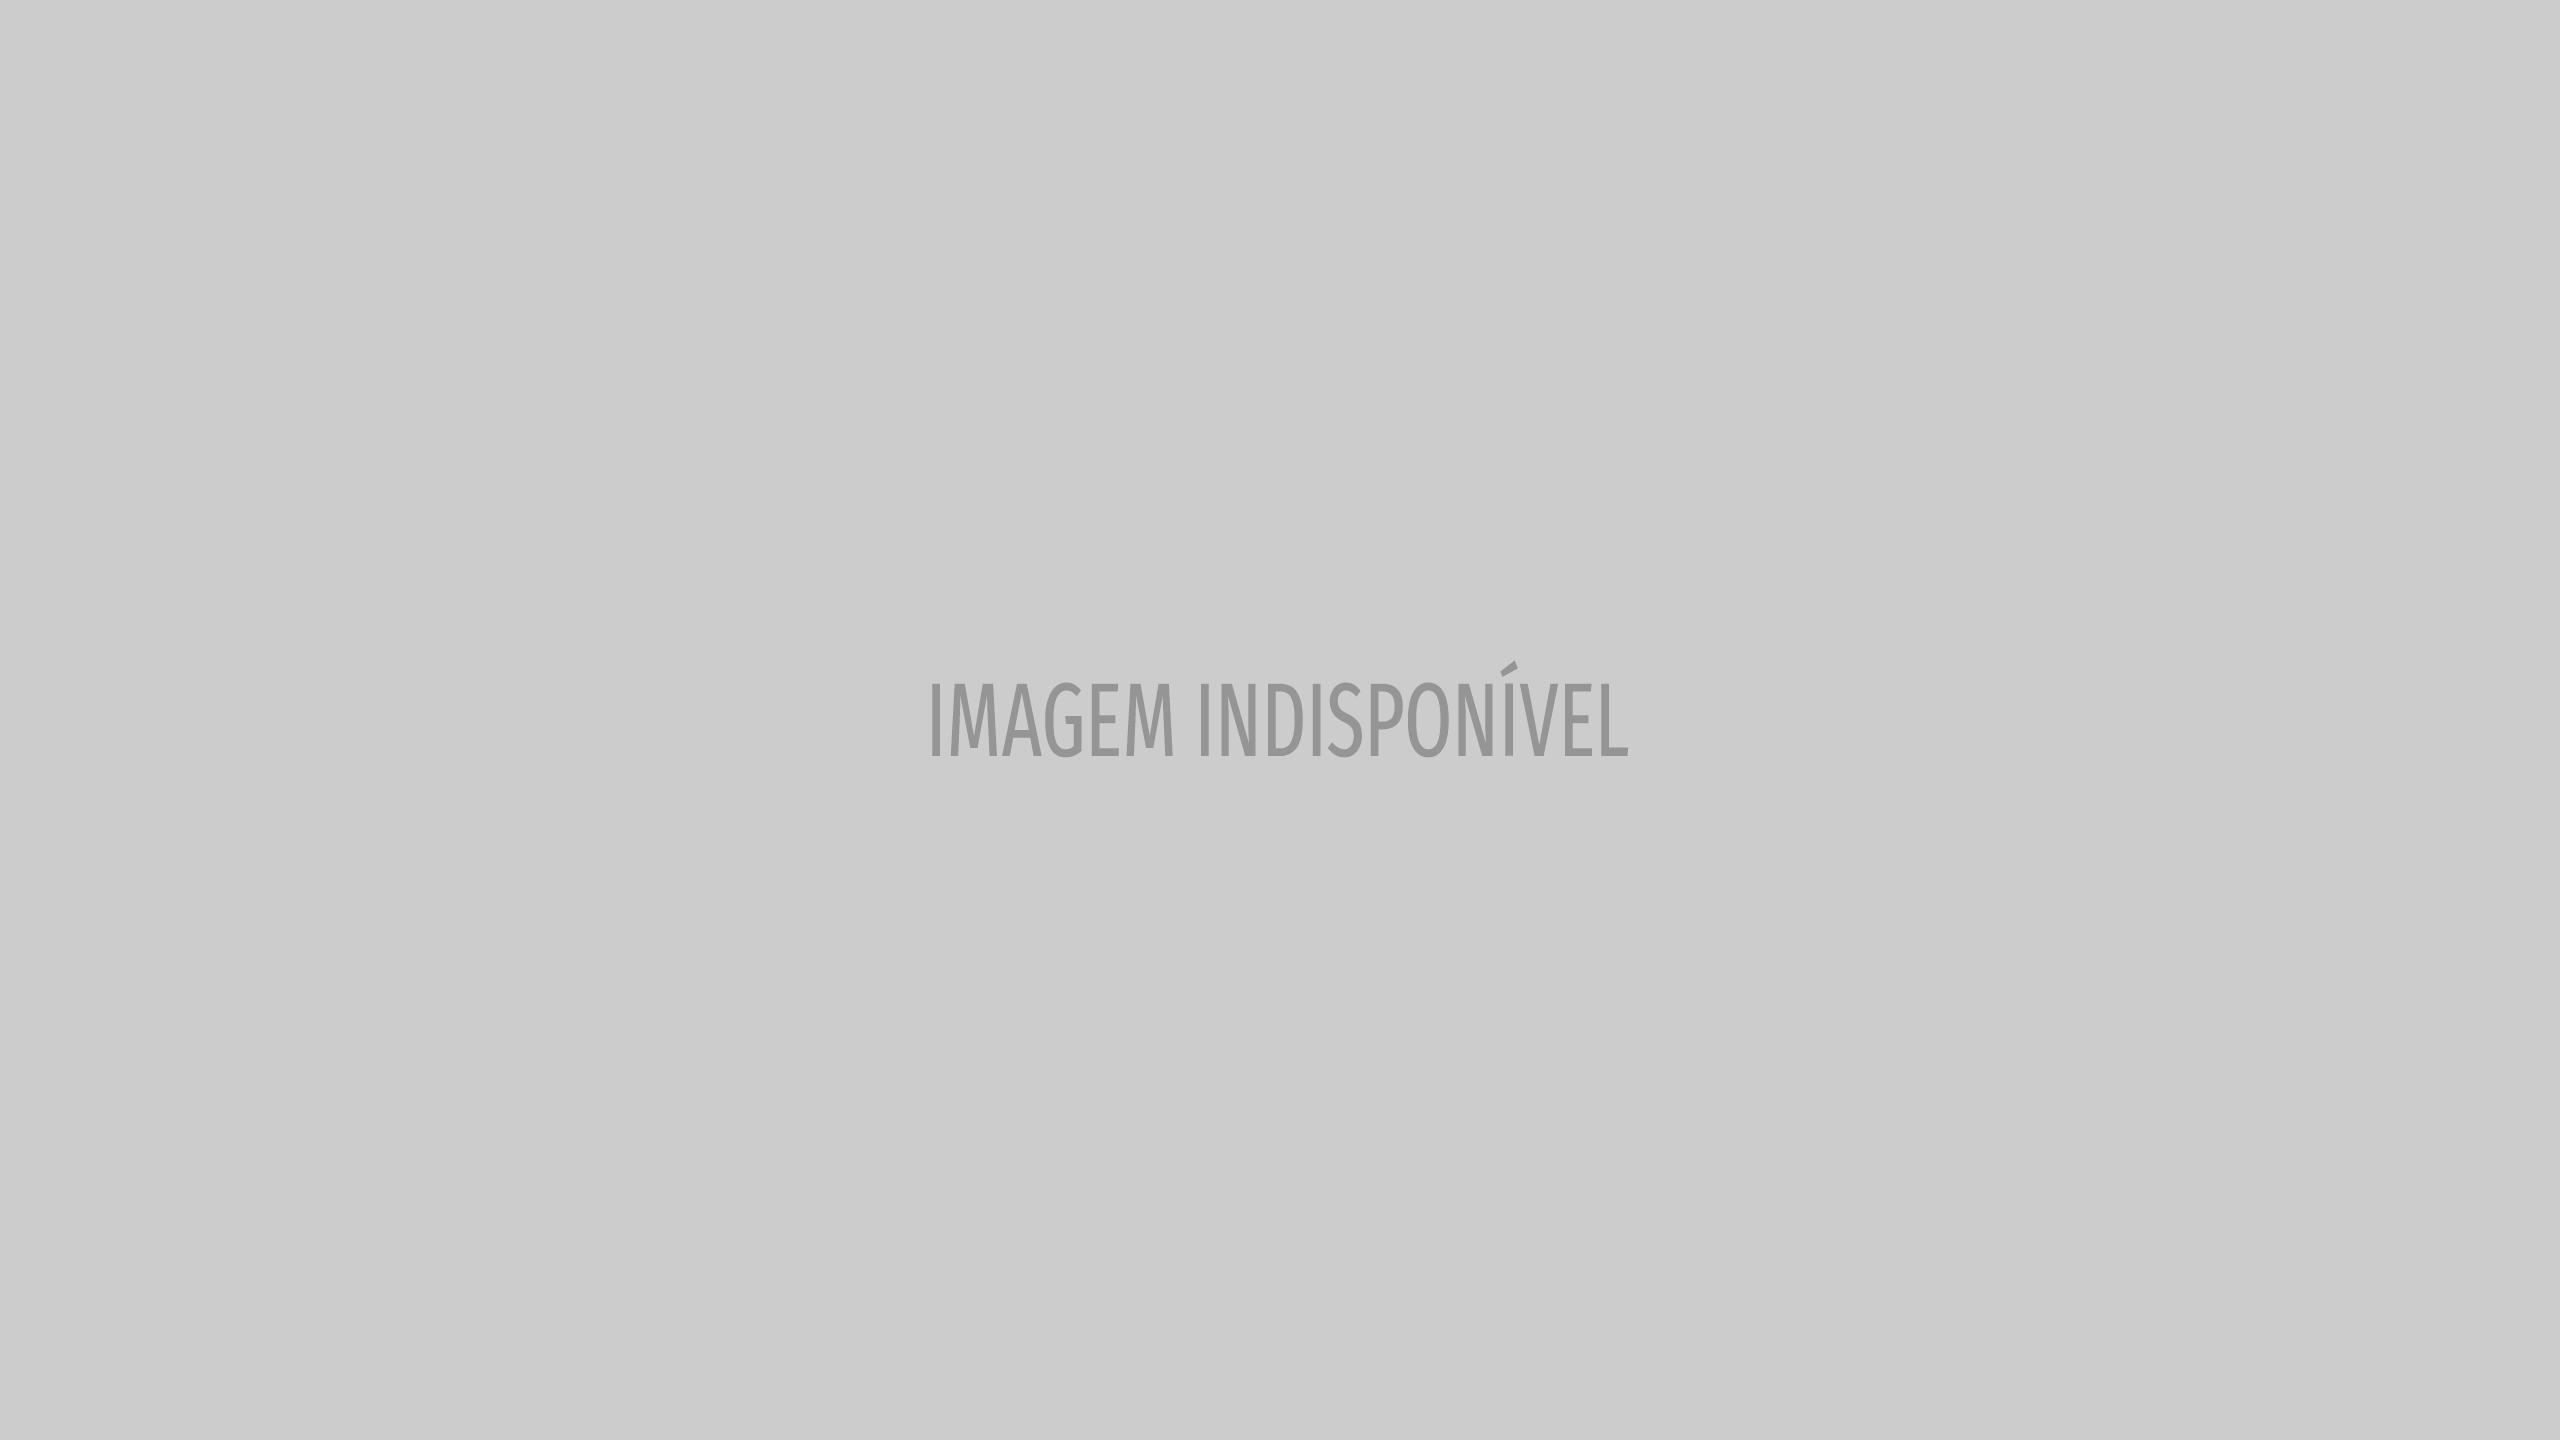 De férias na Ásia, ator Nuno Pardal partilha fotografia nu